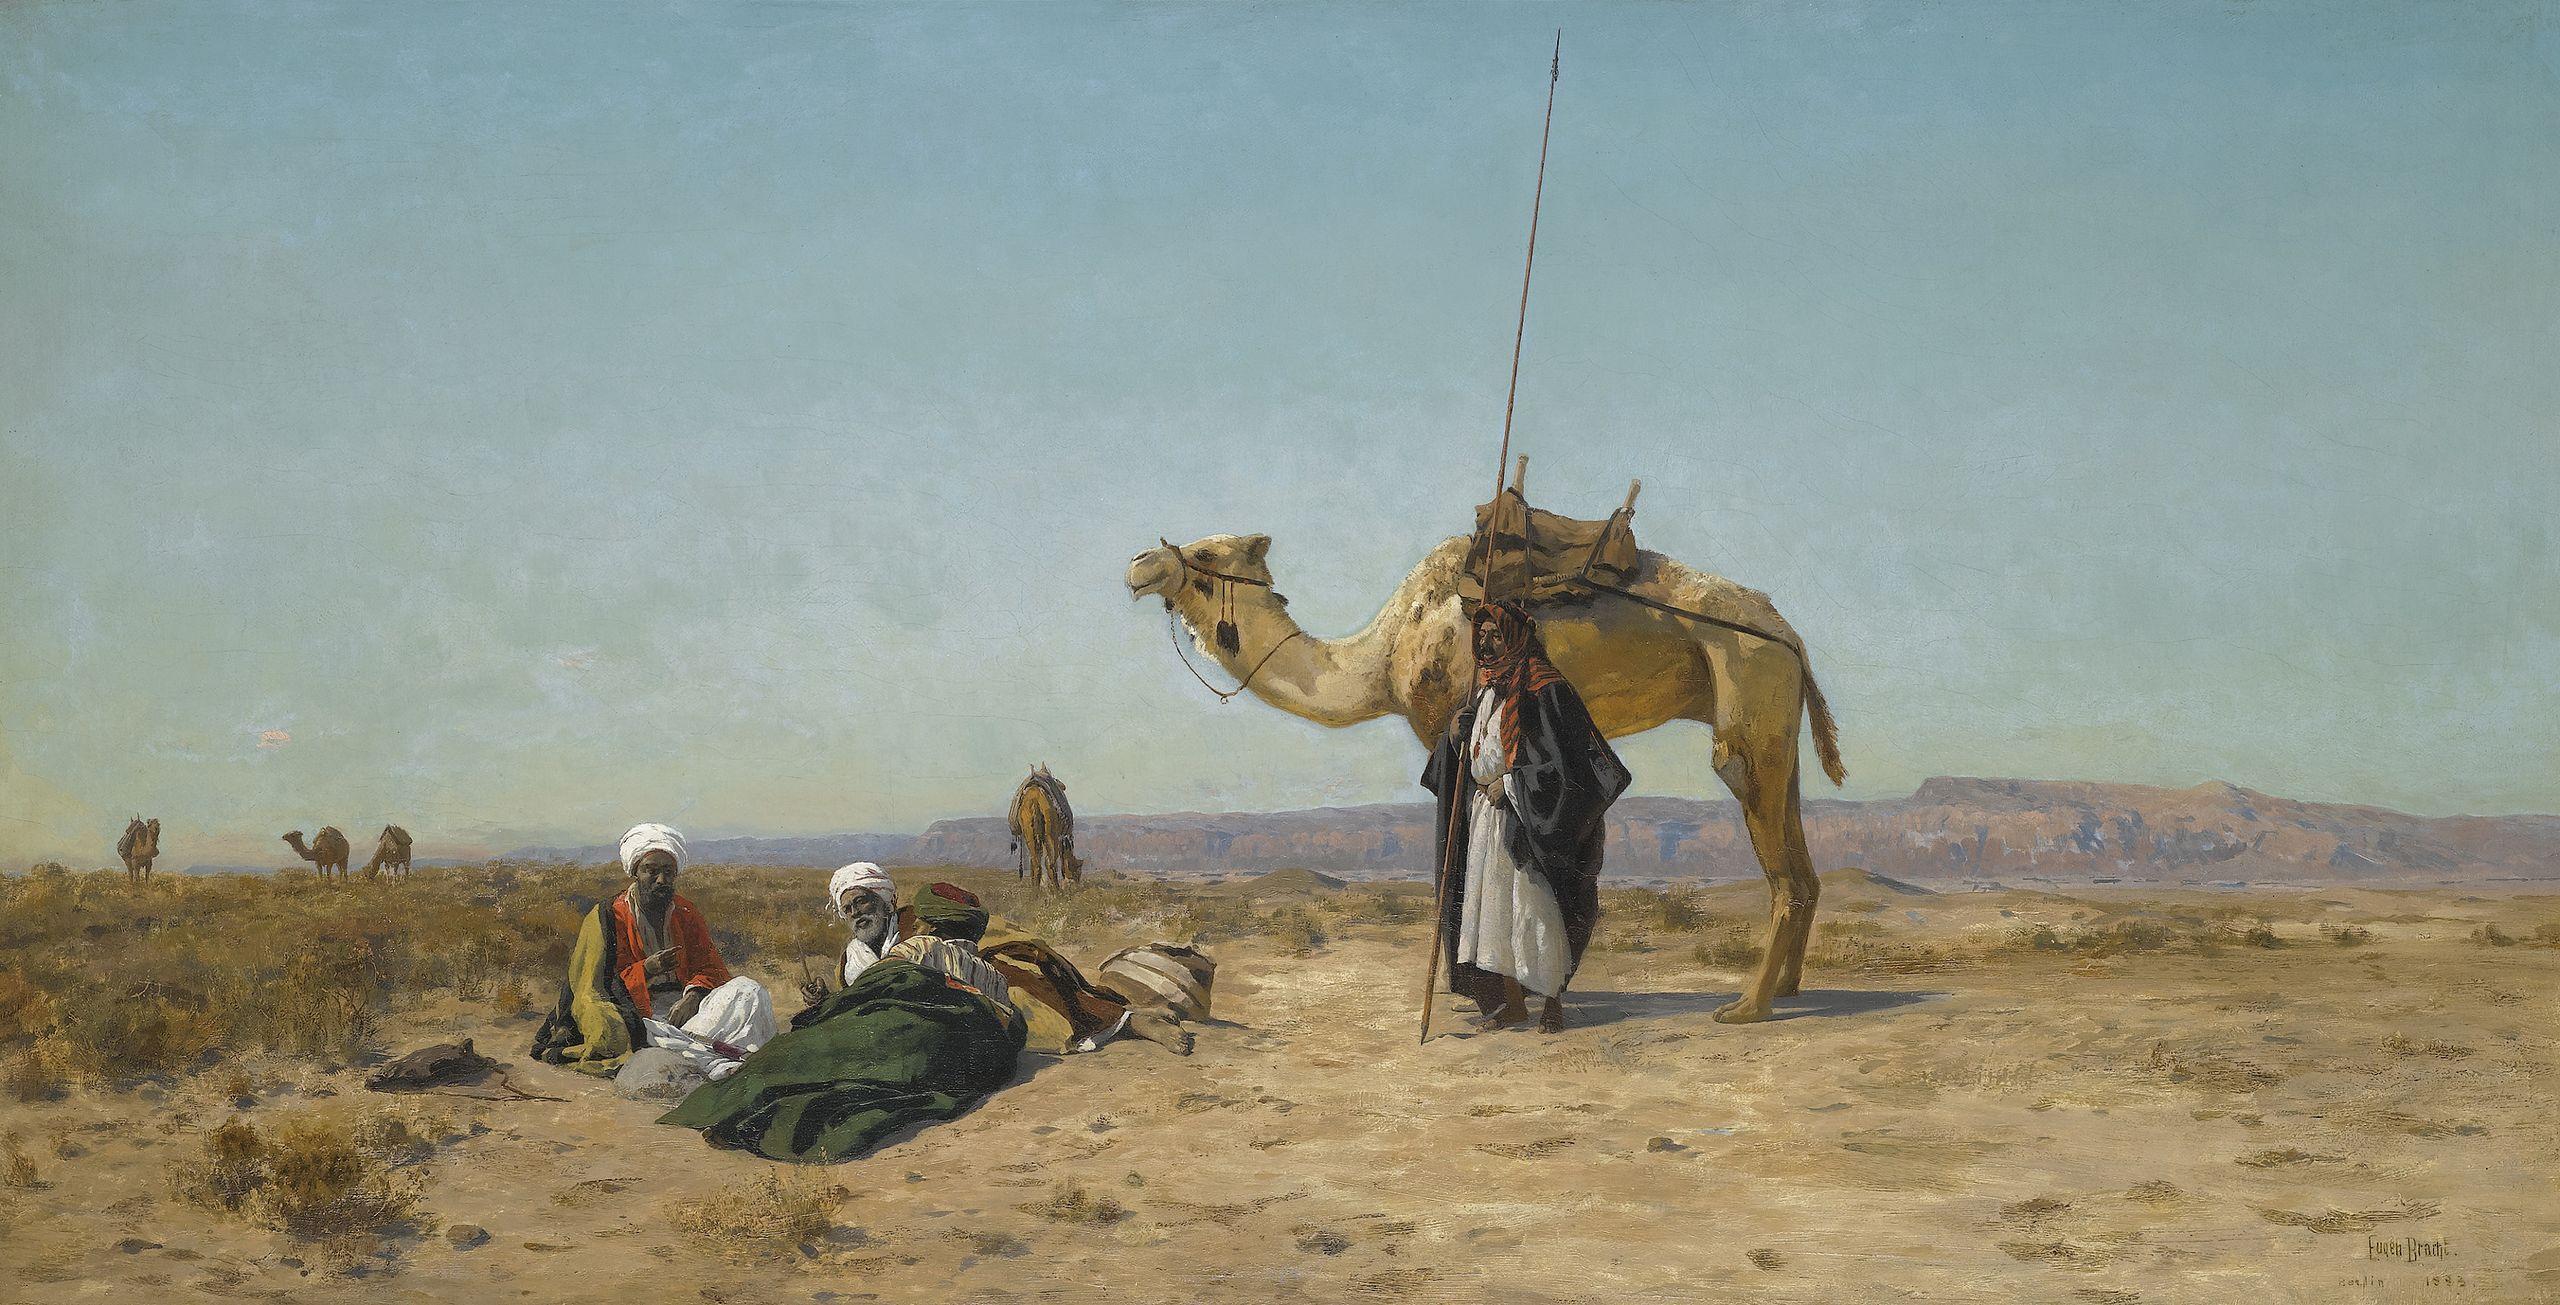 Rast in der Syrischen Wüste, Eugen Bracht, 1883